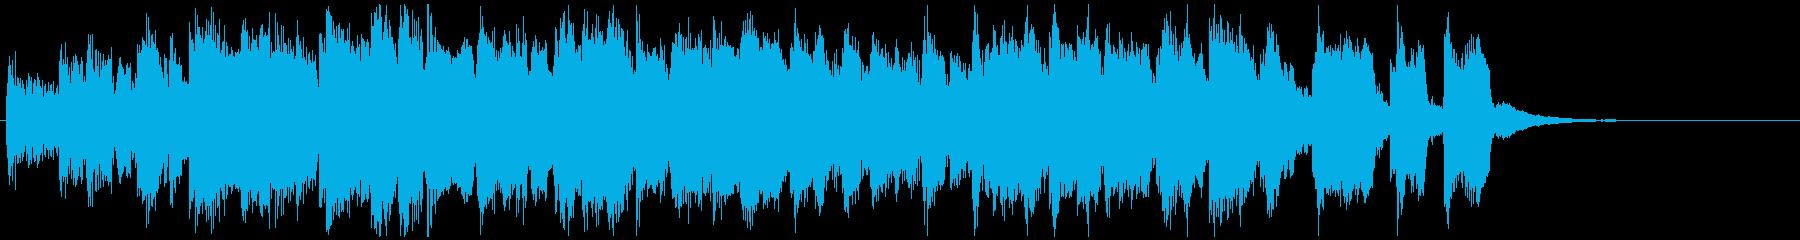 ひょうきんなサックスとエレピのジングルの再生済みの波形